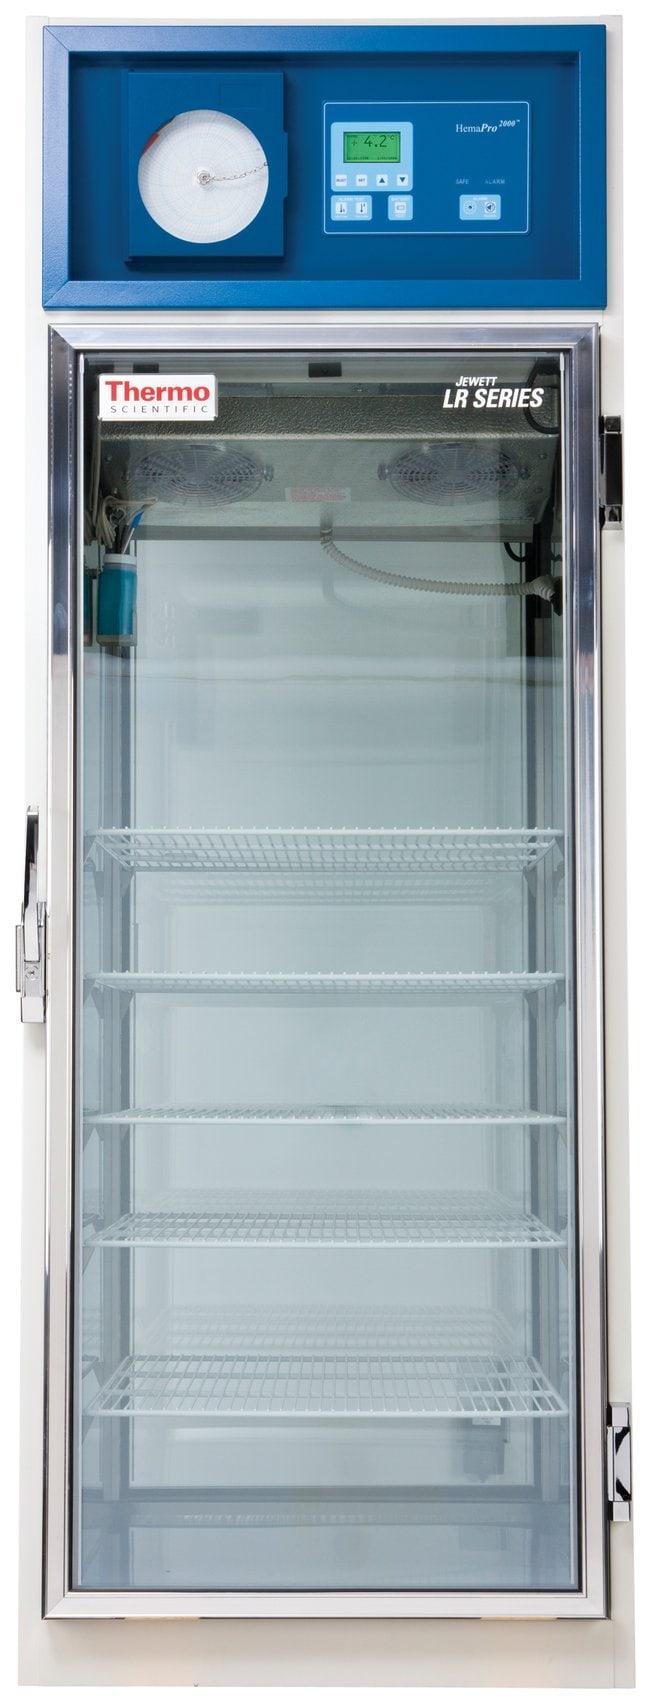 Thermo Scientific Jewett Pass-Thru Refrigerators :Refrigerators, Freezers